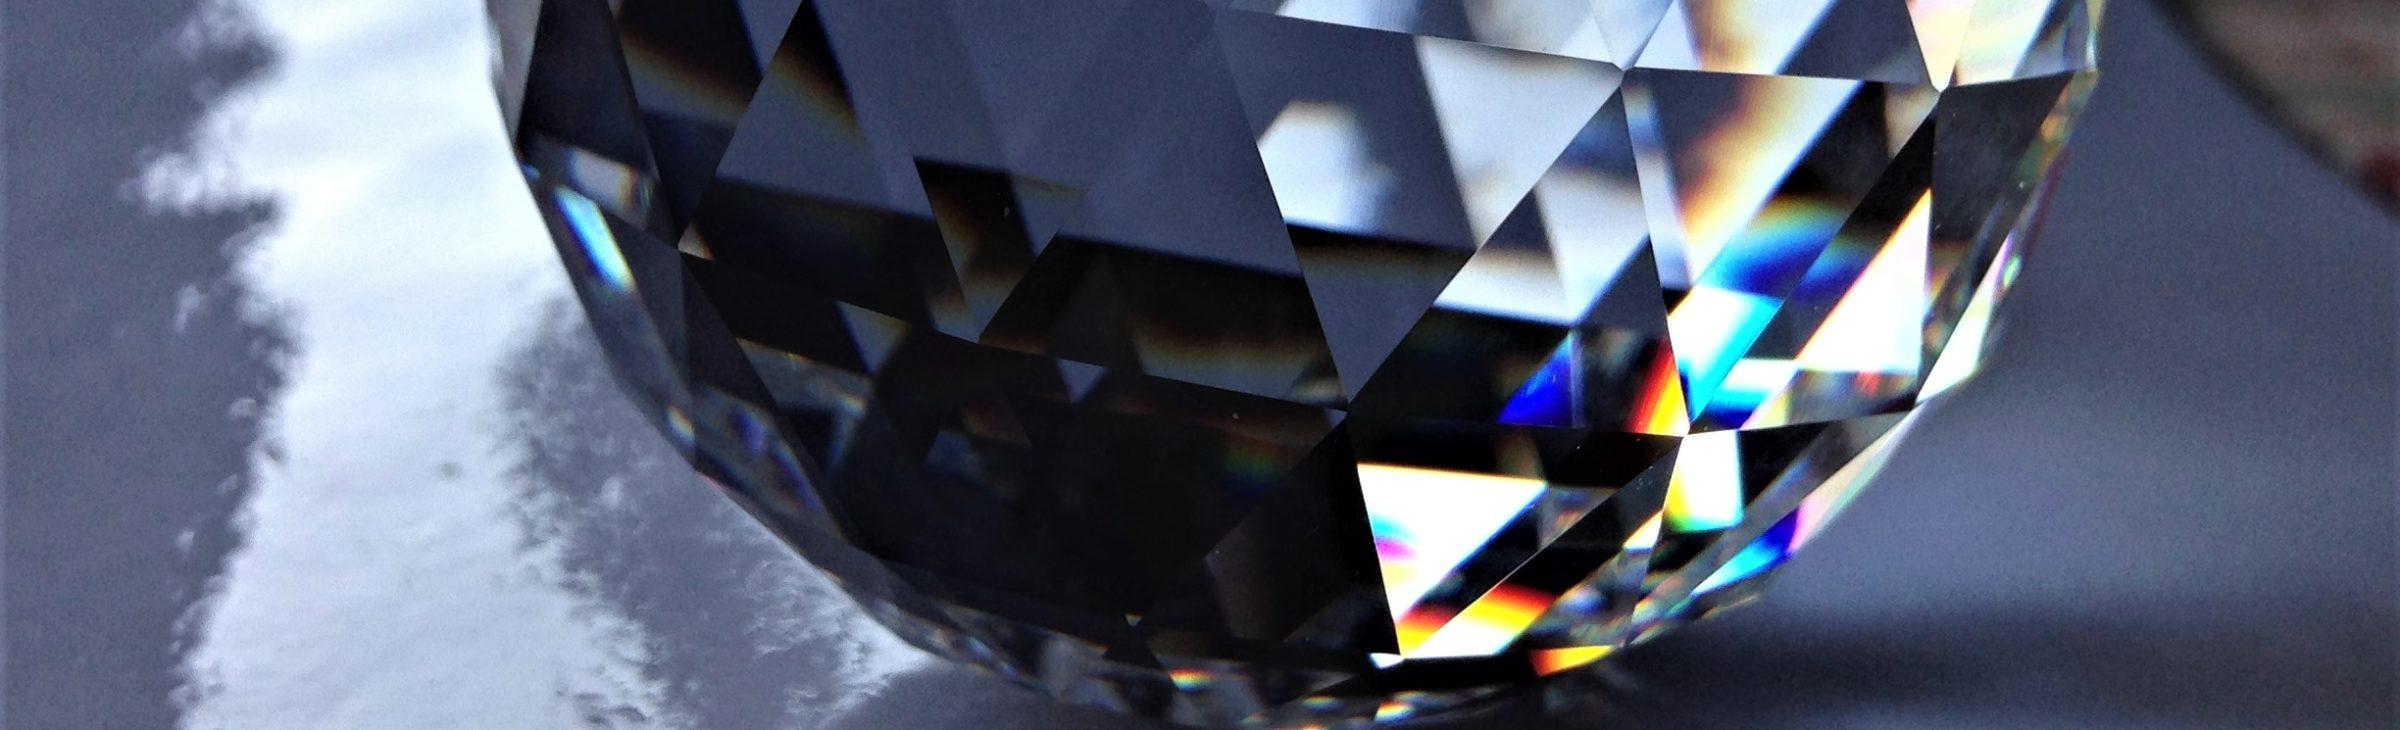 Prisme cristal Swarovski boule